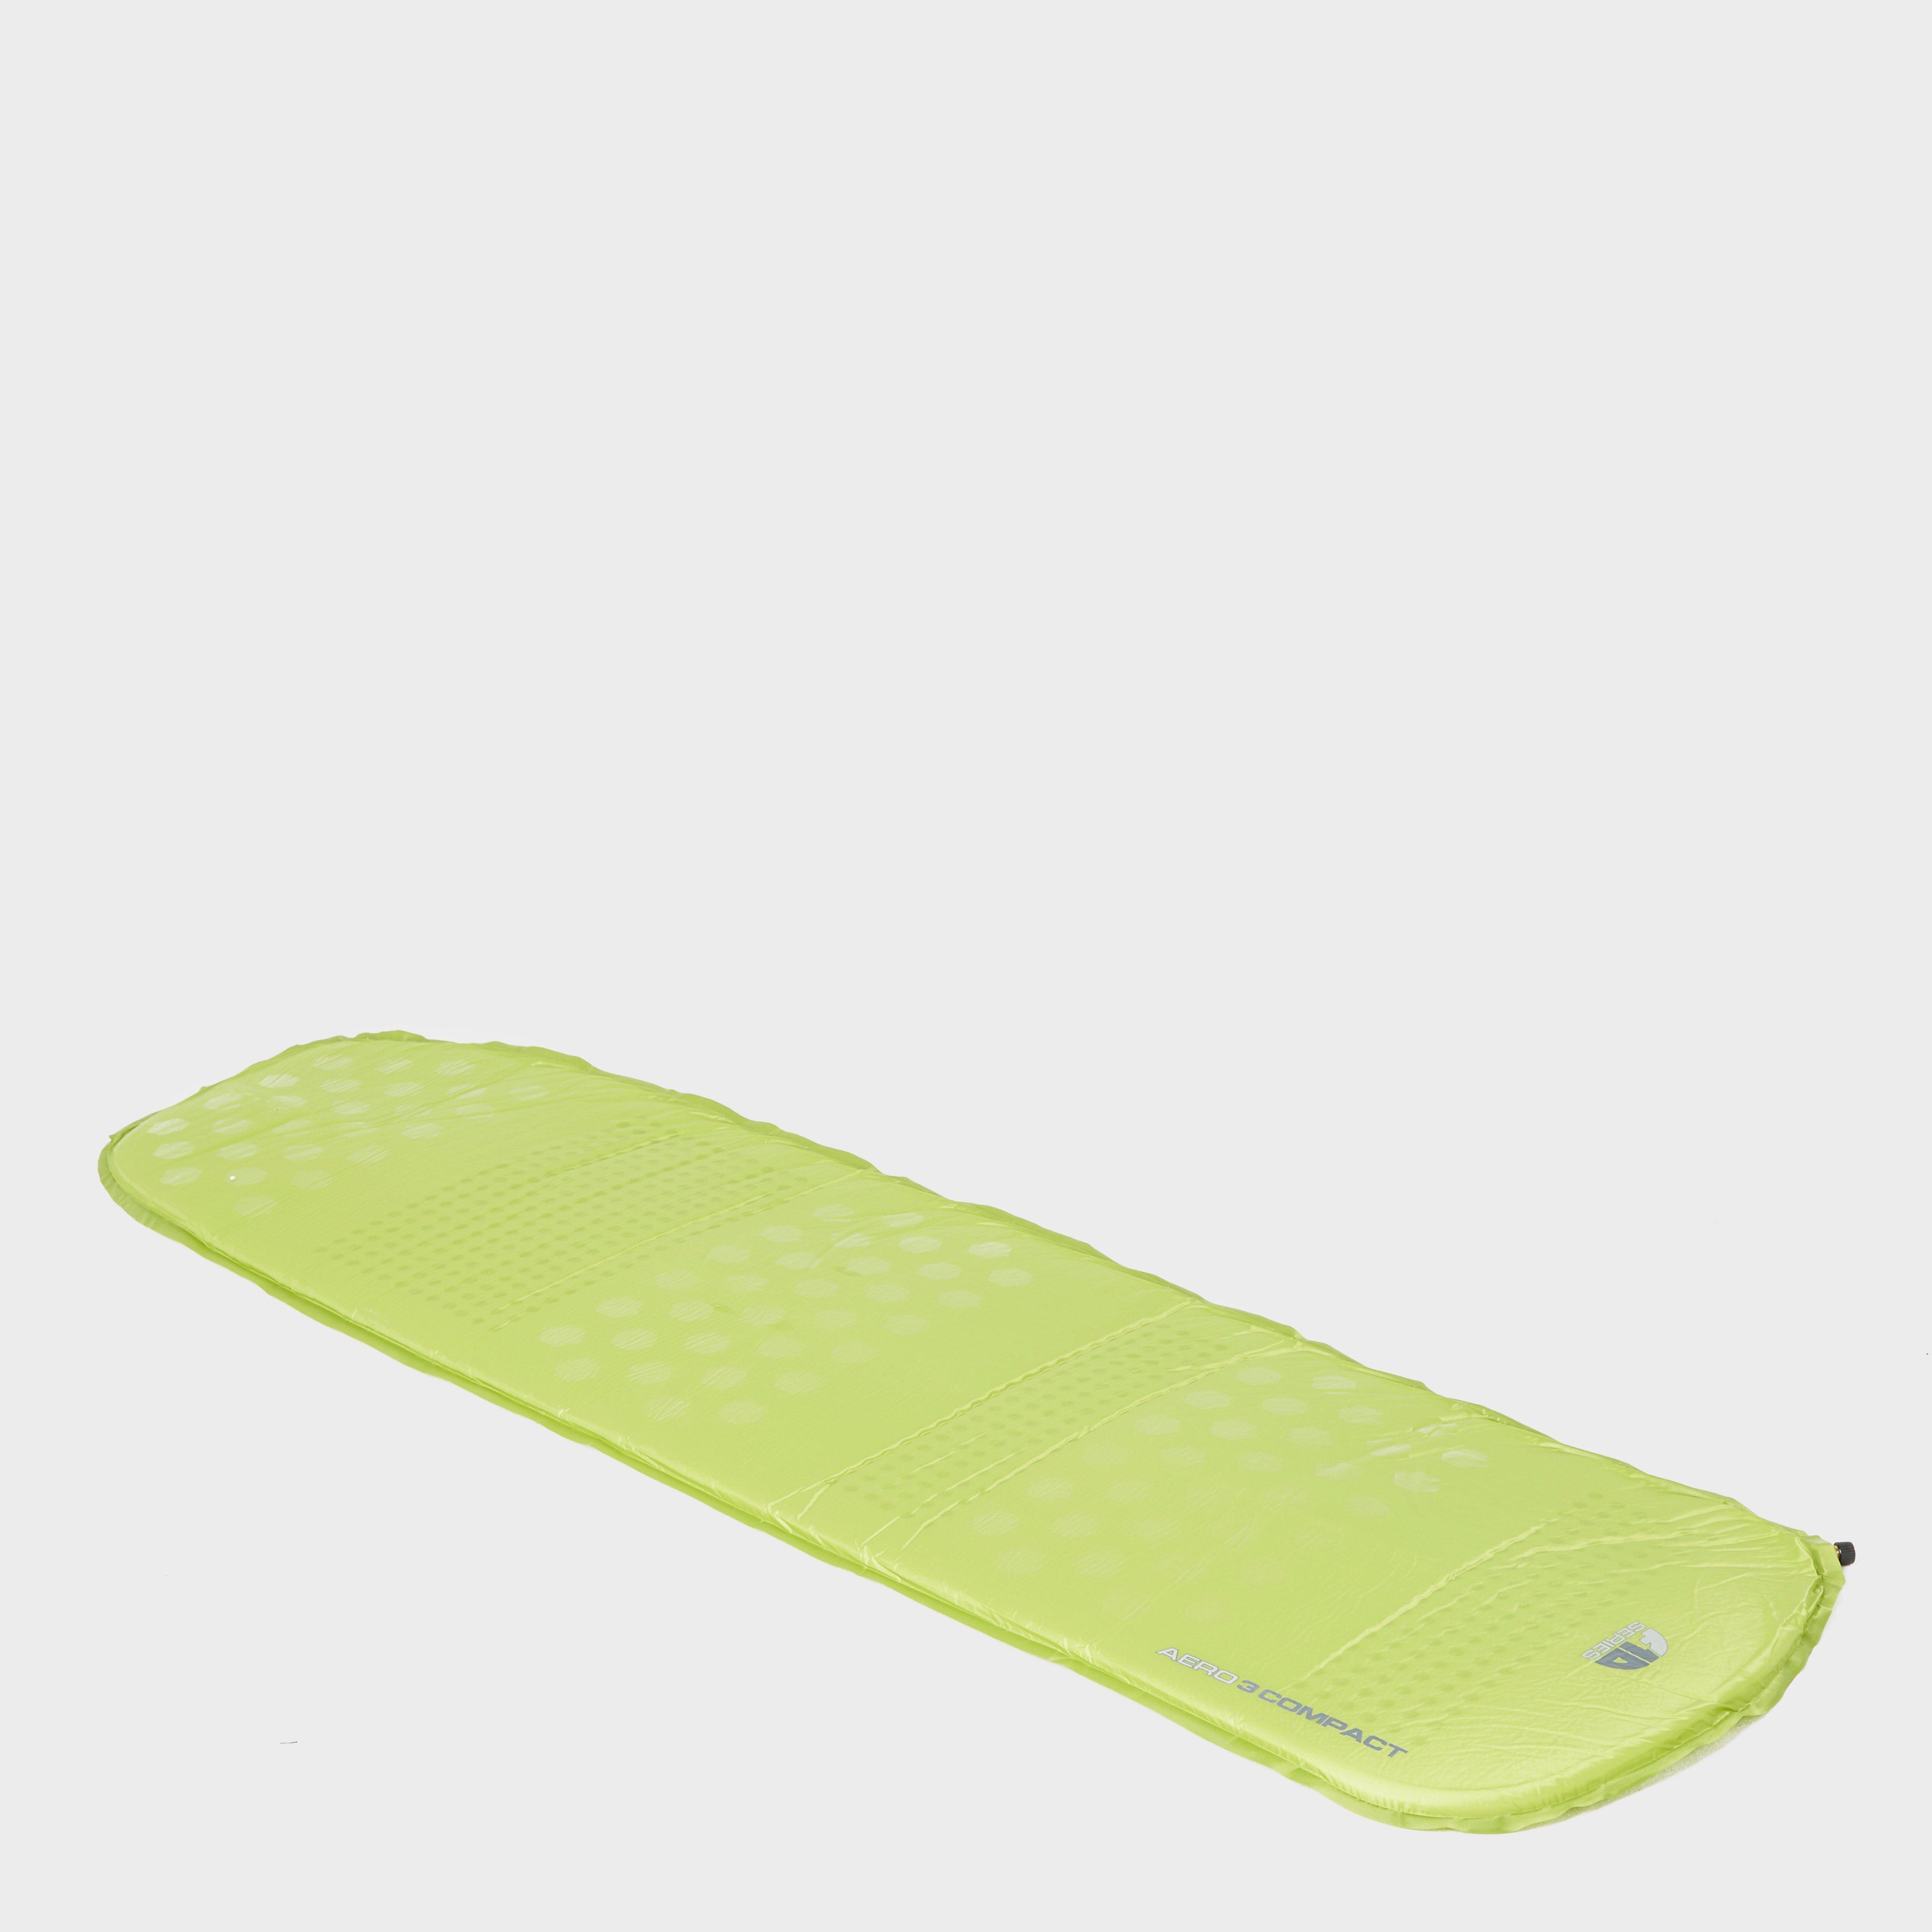 Force 10 Aero 3 Standard Air Bed Light Green